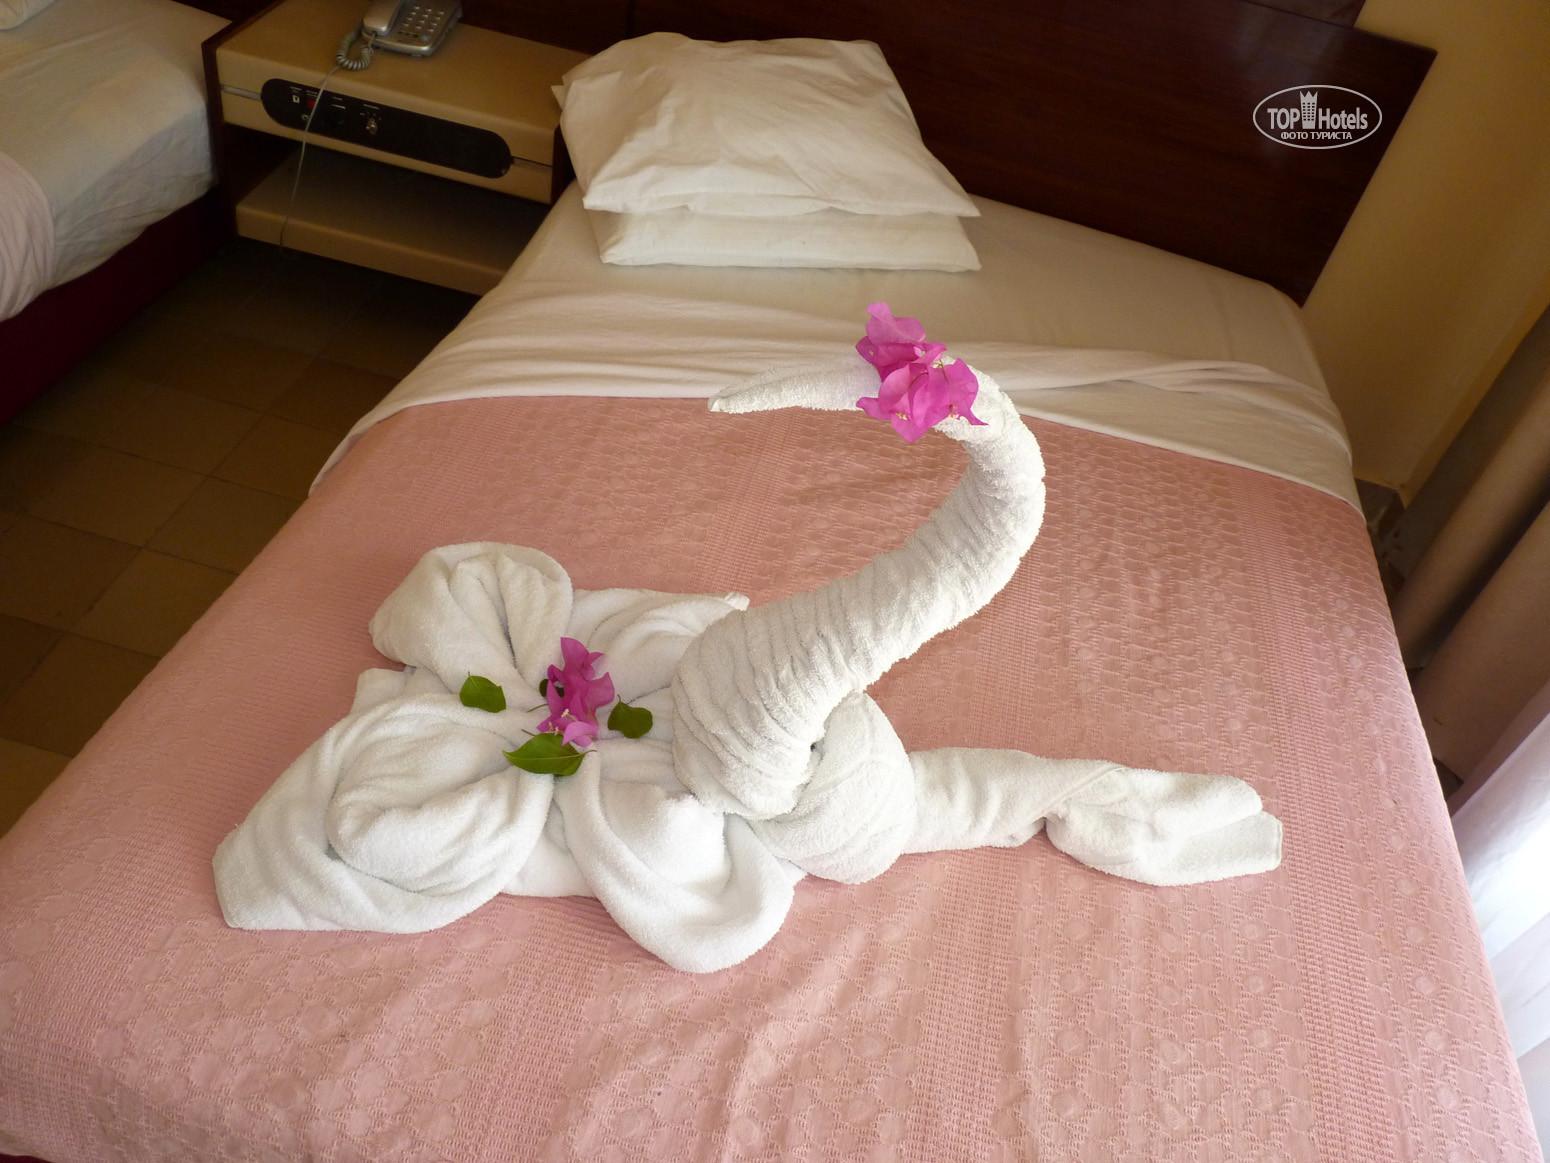 Как сделать лебедя из полотенца своими руками 64